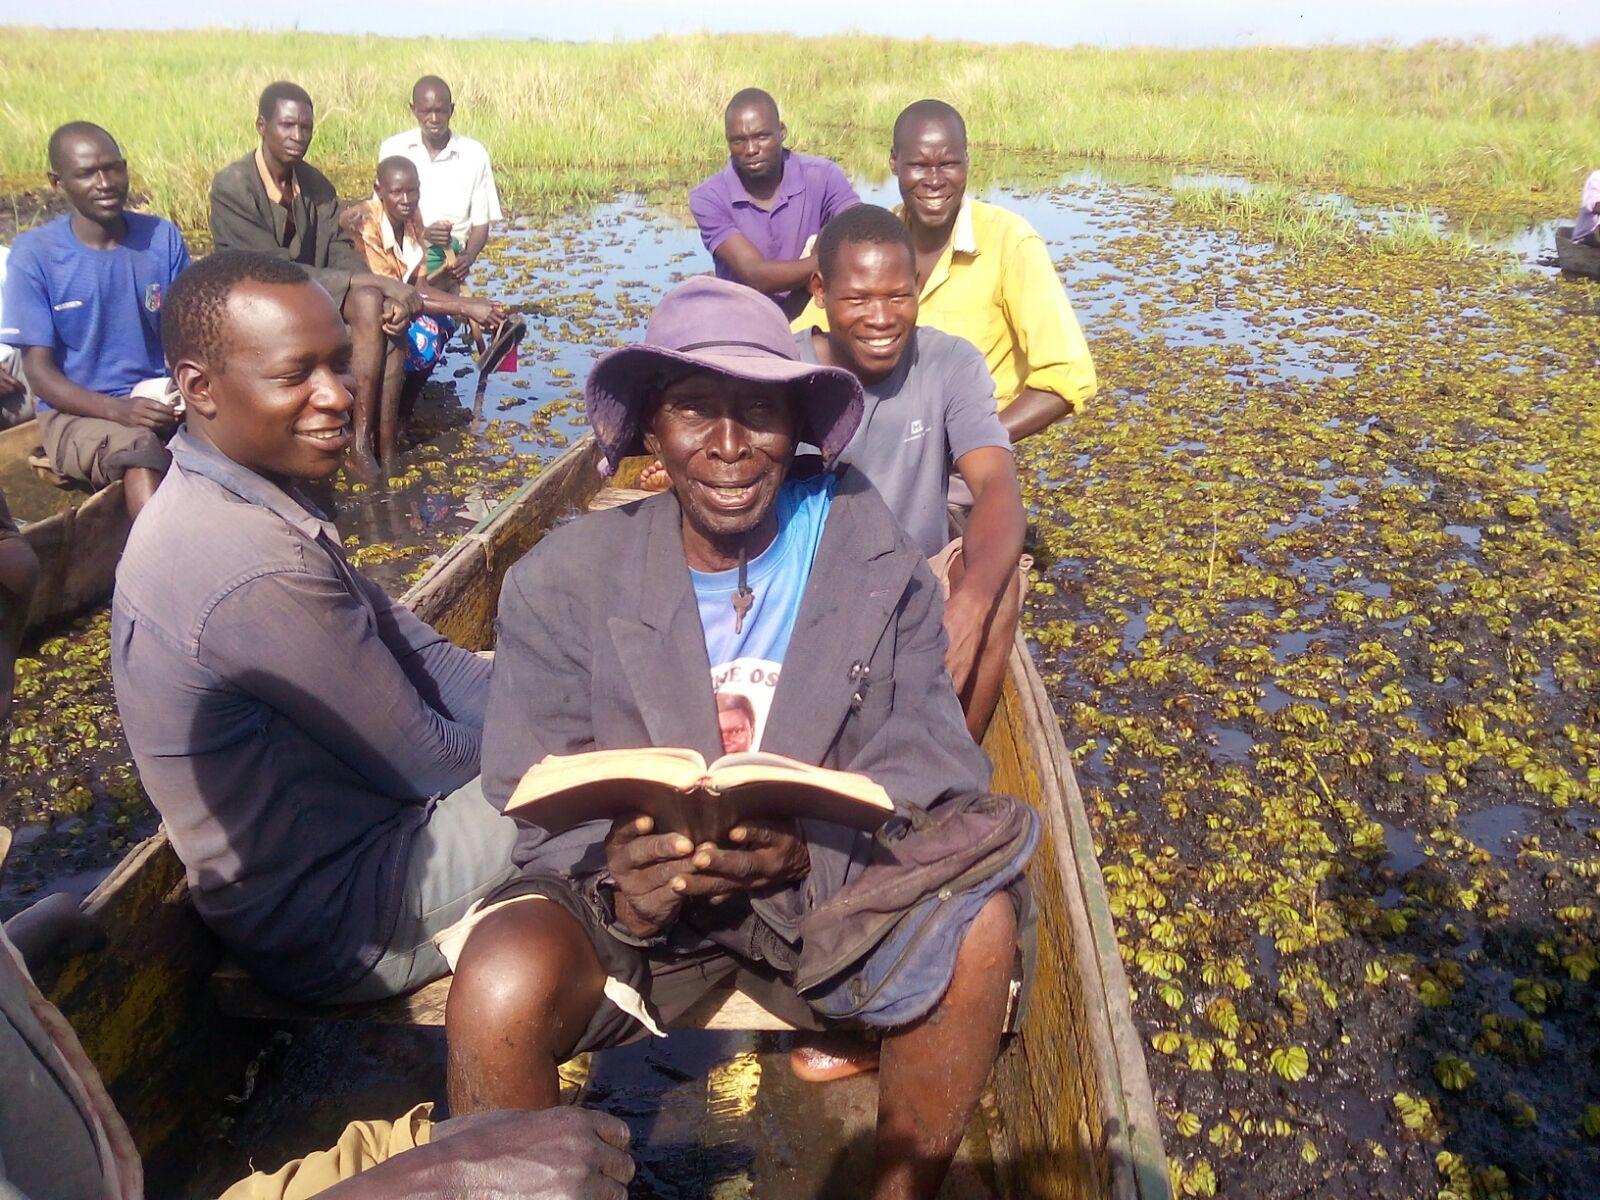 Il vecchio pescatore legge la Bibbia